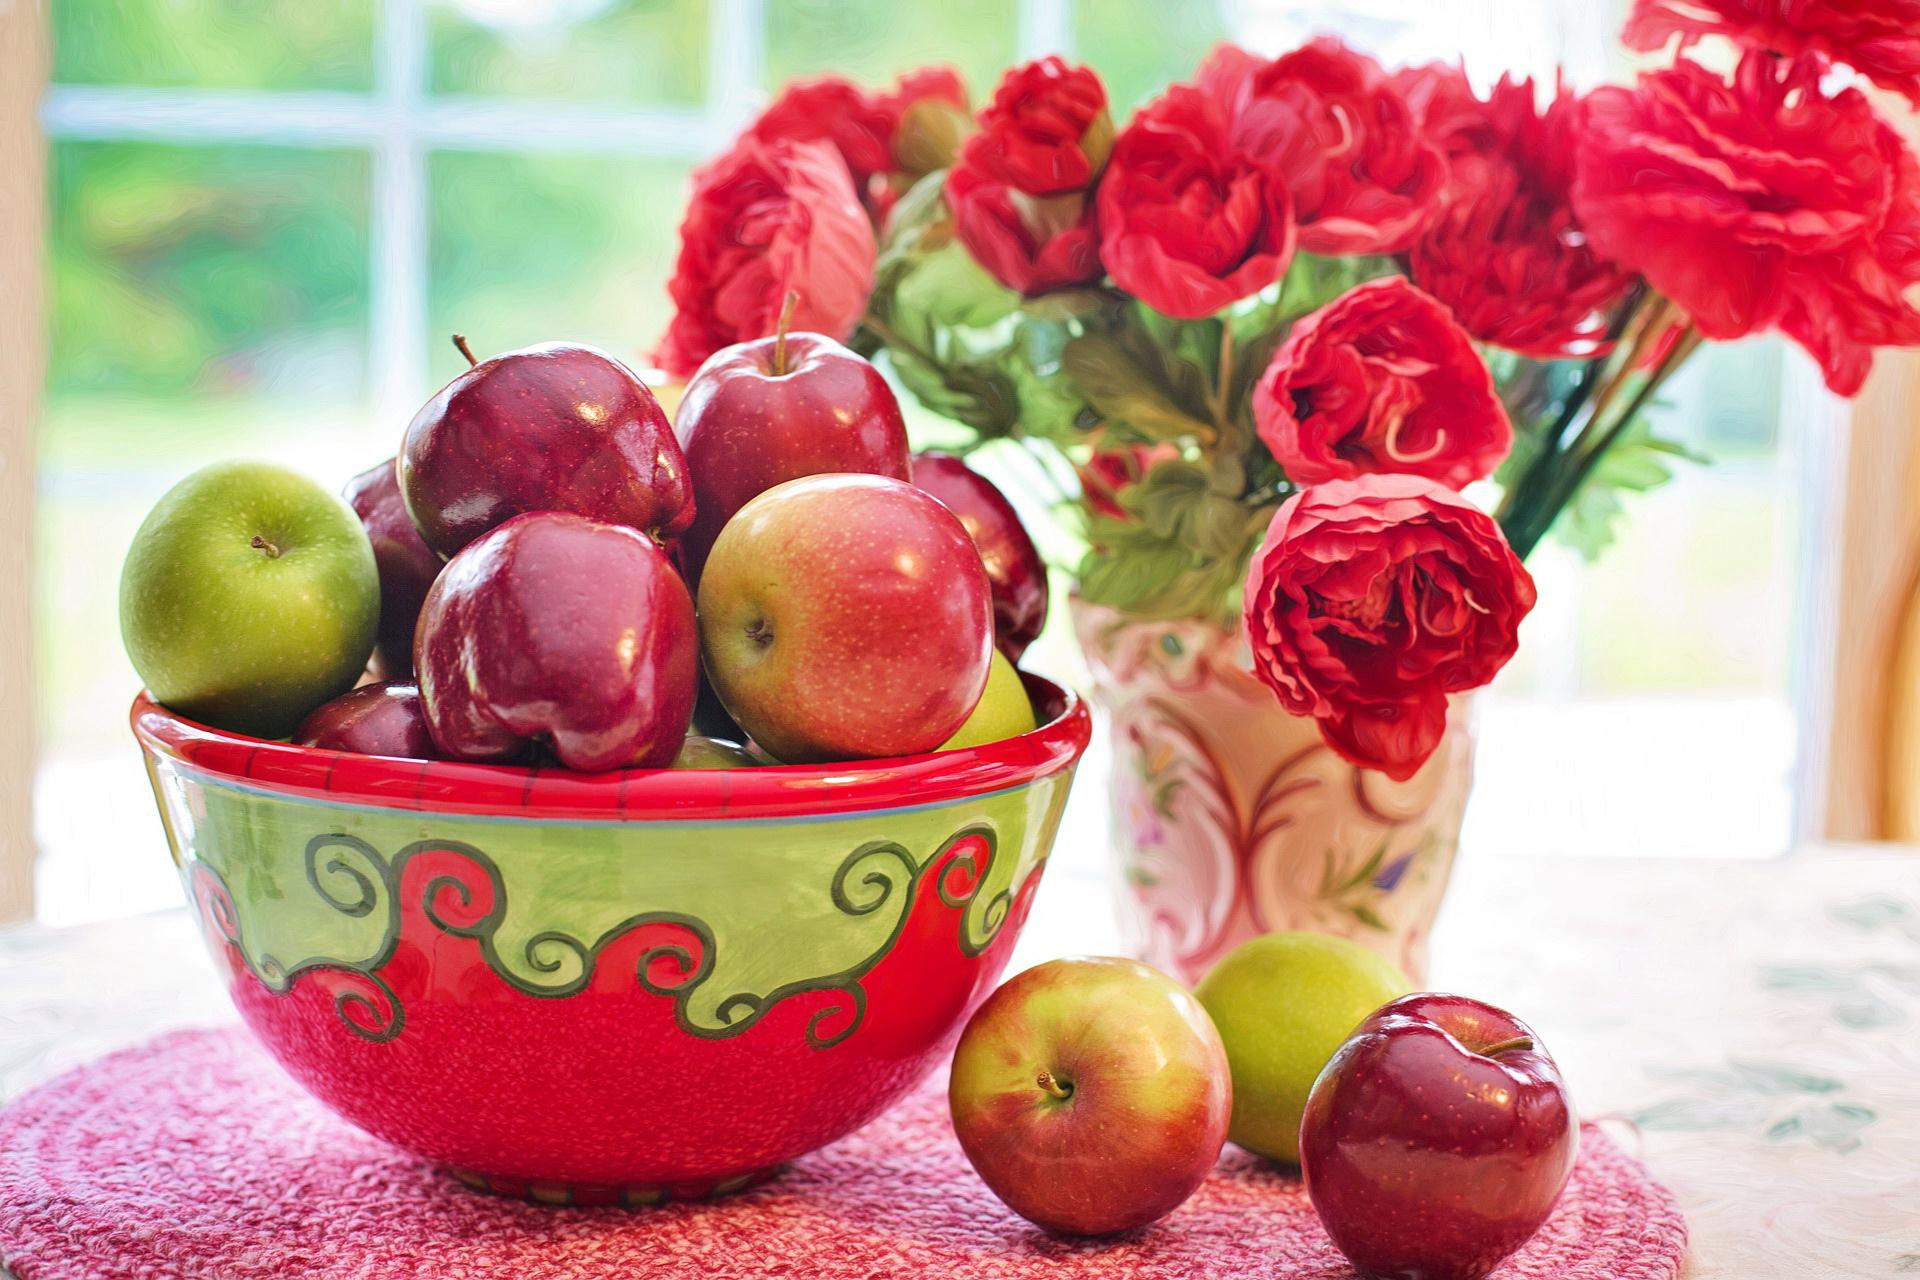 zagadka matematyczna dla dzieci o jabłkach